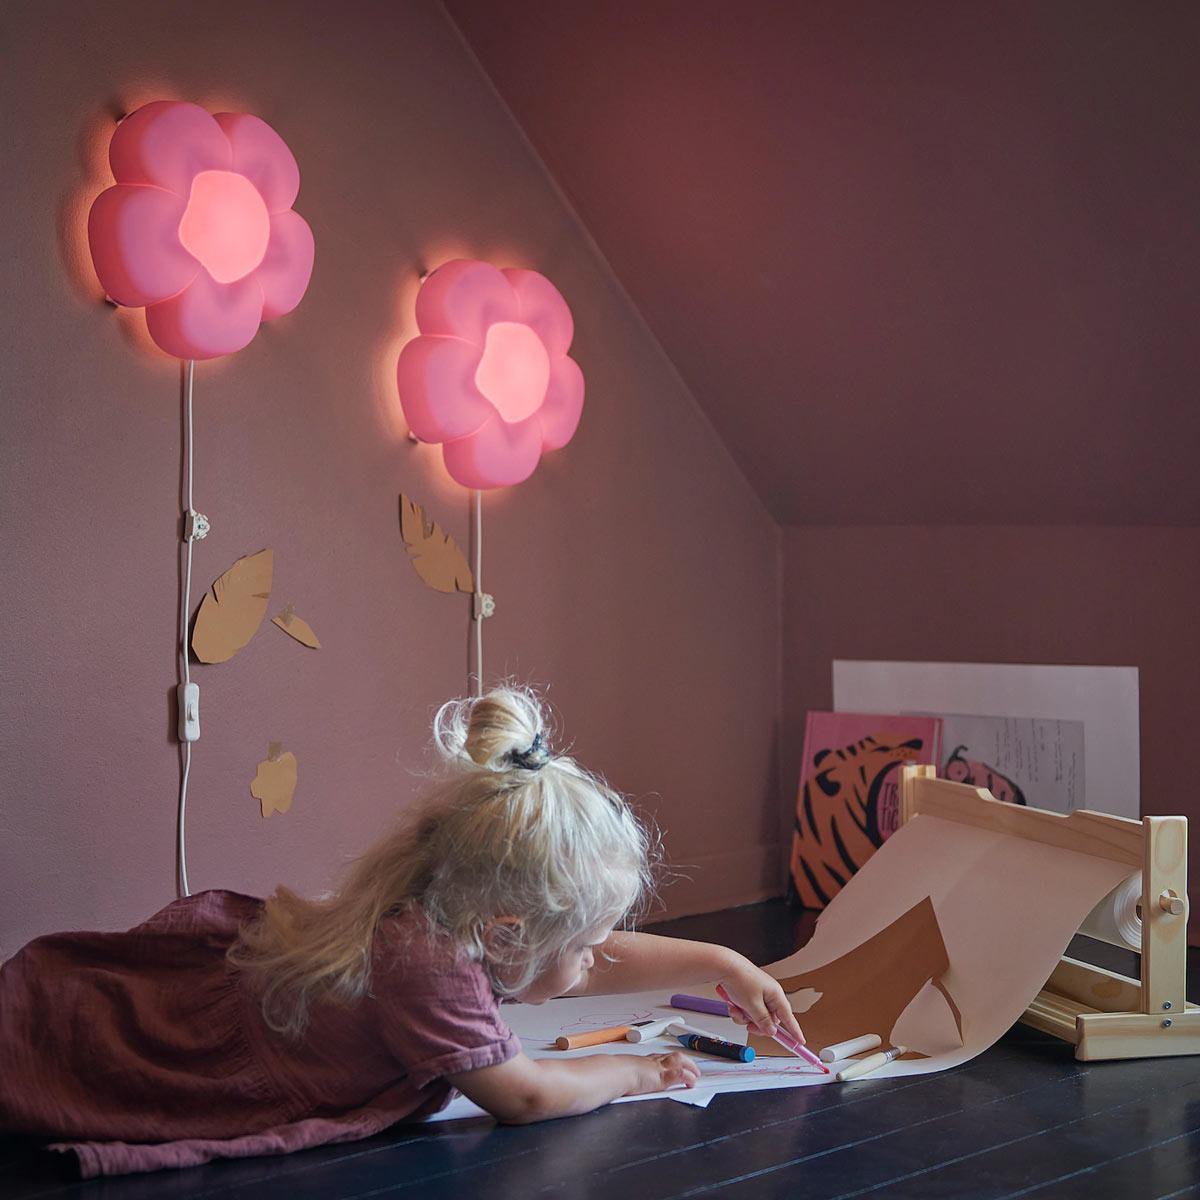 lampade da parete a forma di fiore sono ideali per camerette piccole